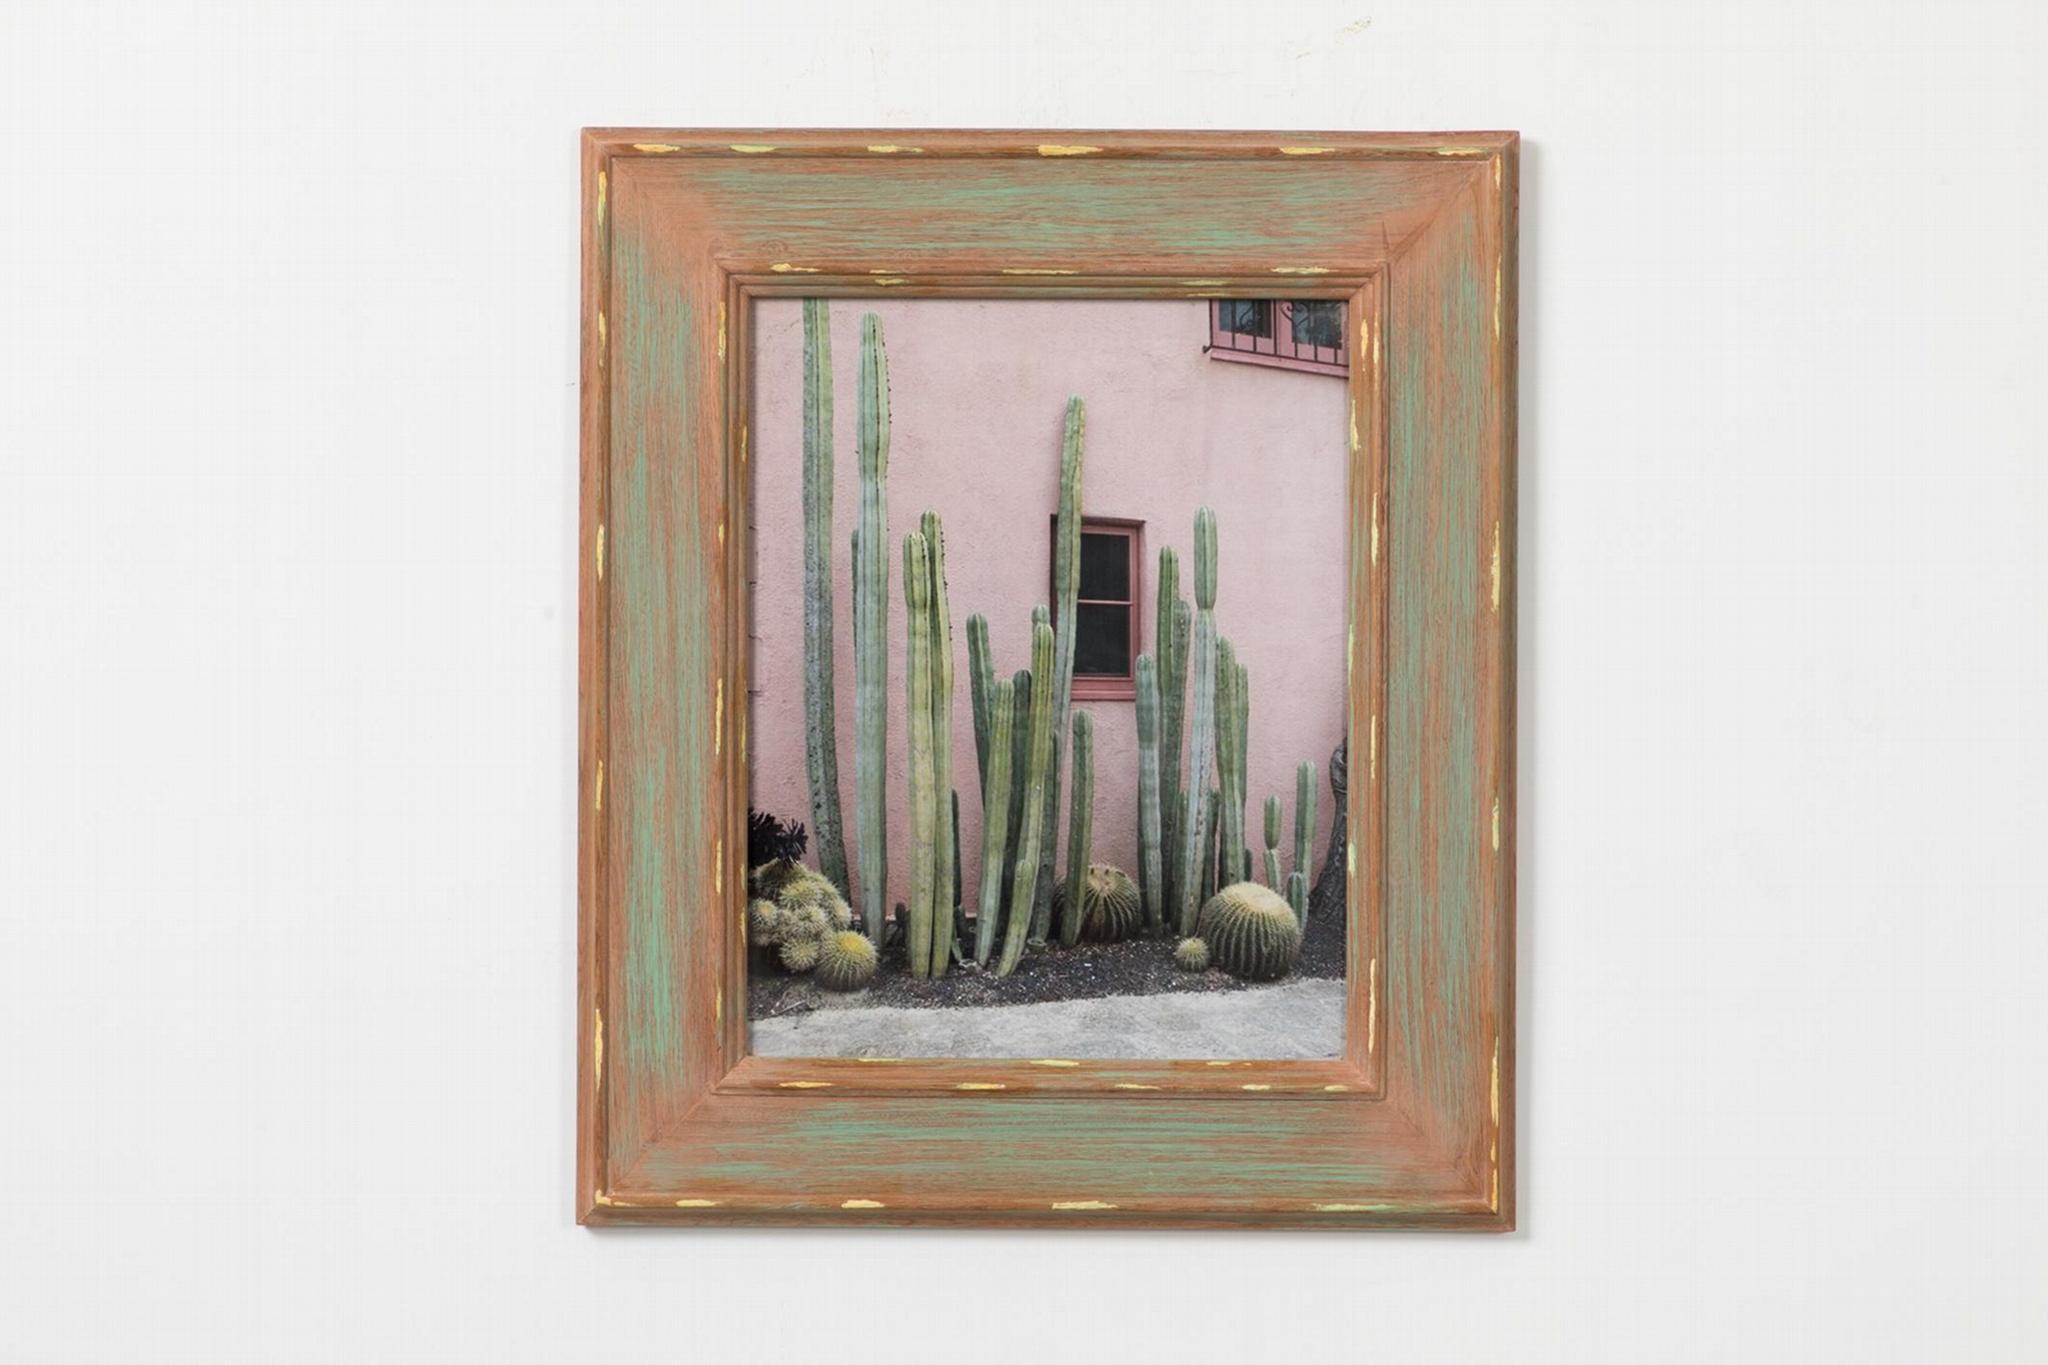 仙人掌相框实木相框北欧风格 1